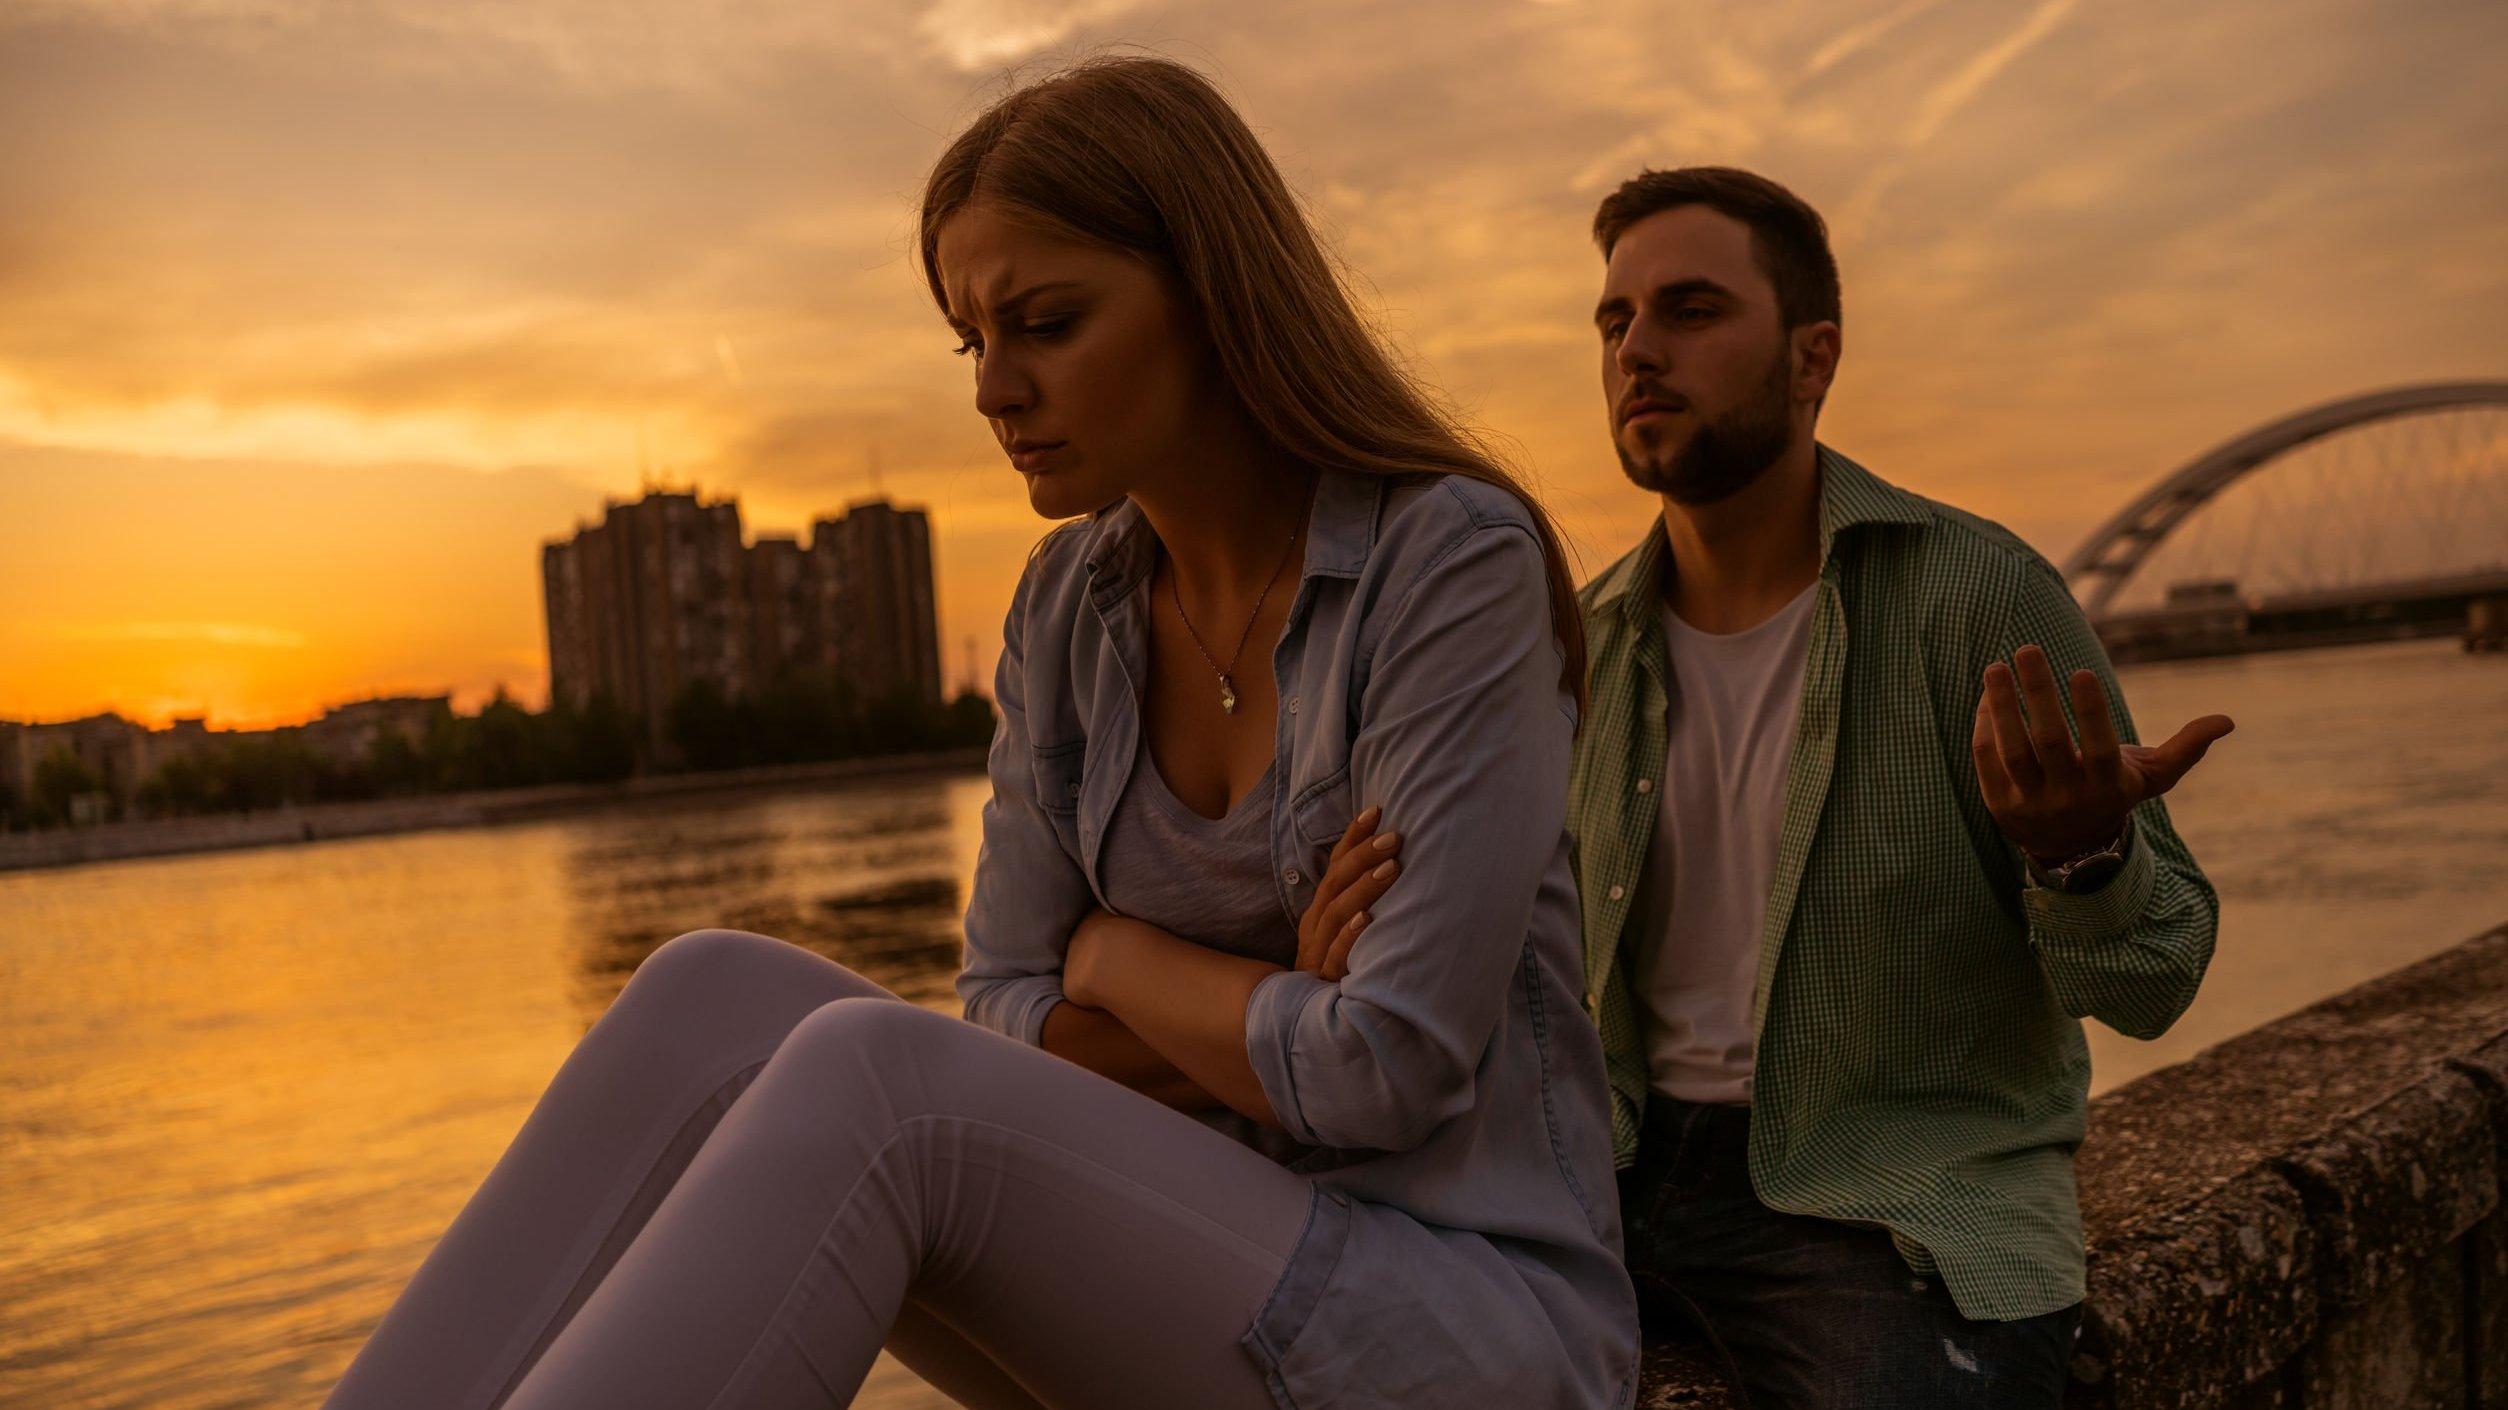 Homem e mulher brancos sentados numa mureta ao lado de um rio. Mulher com braços cruzados e expressão triste, homem com braços abertos e expressão de súplica.